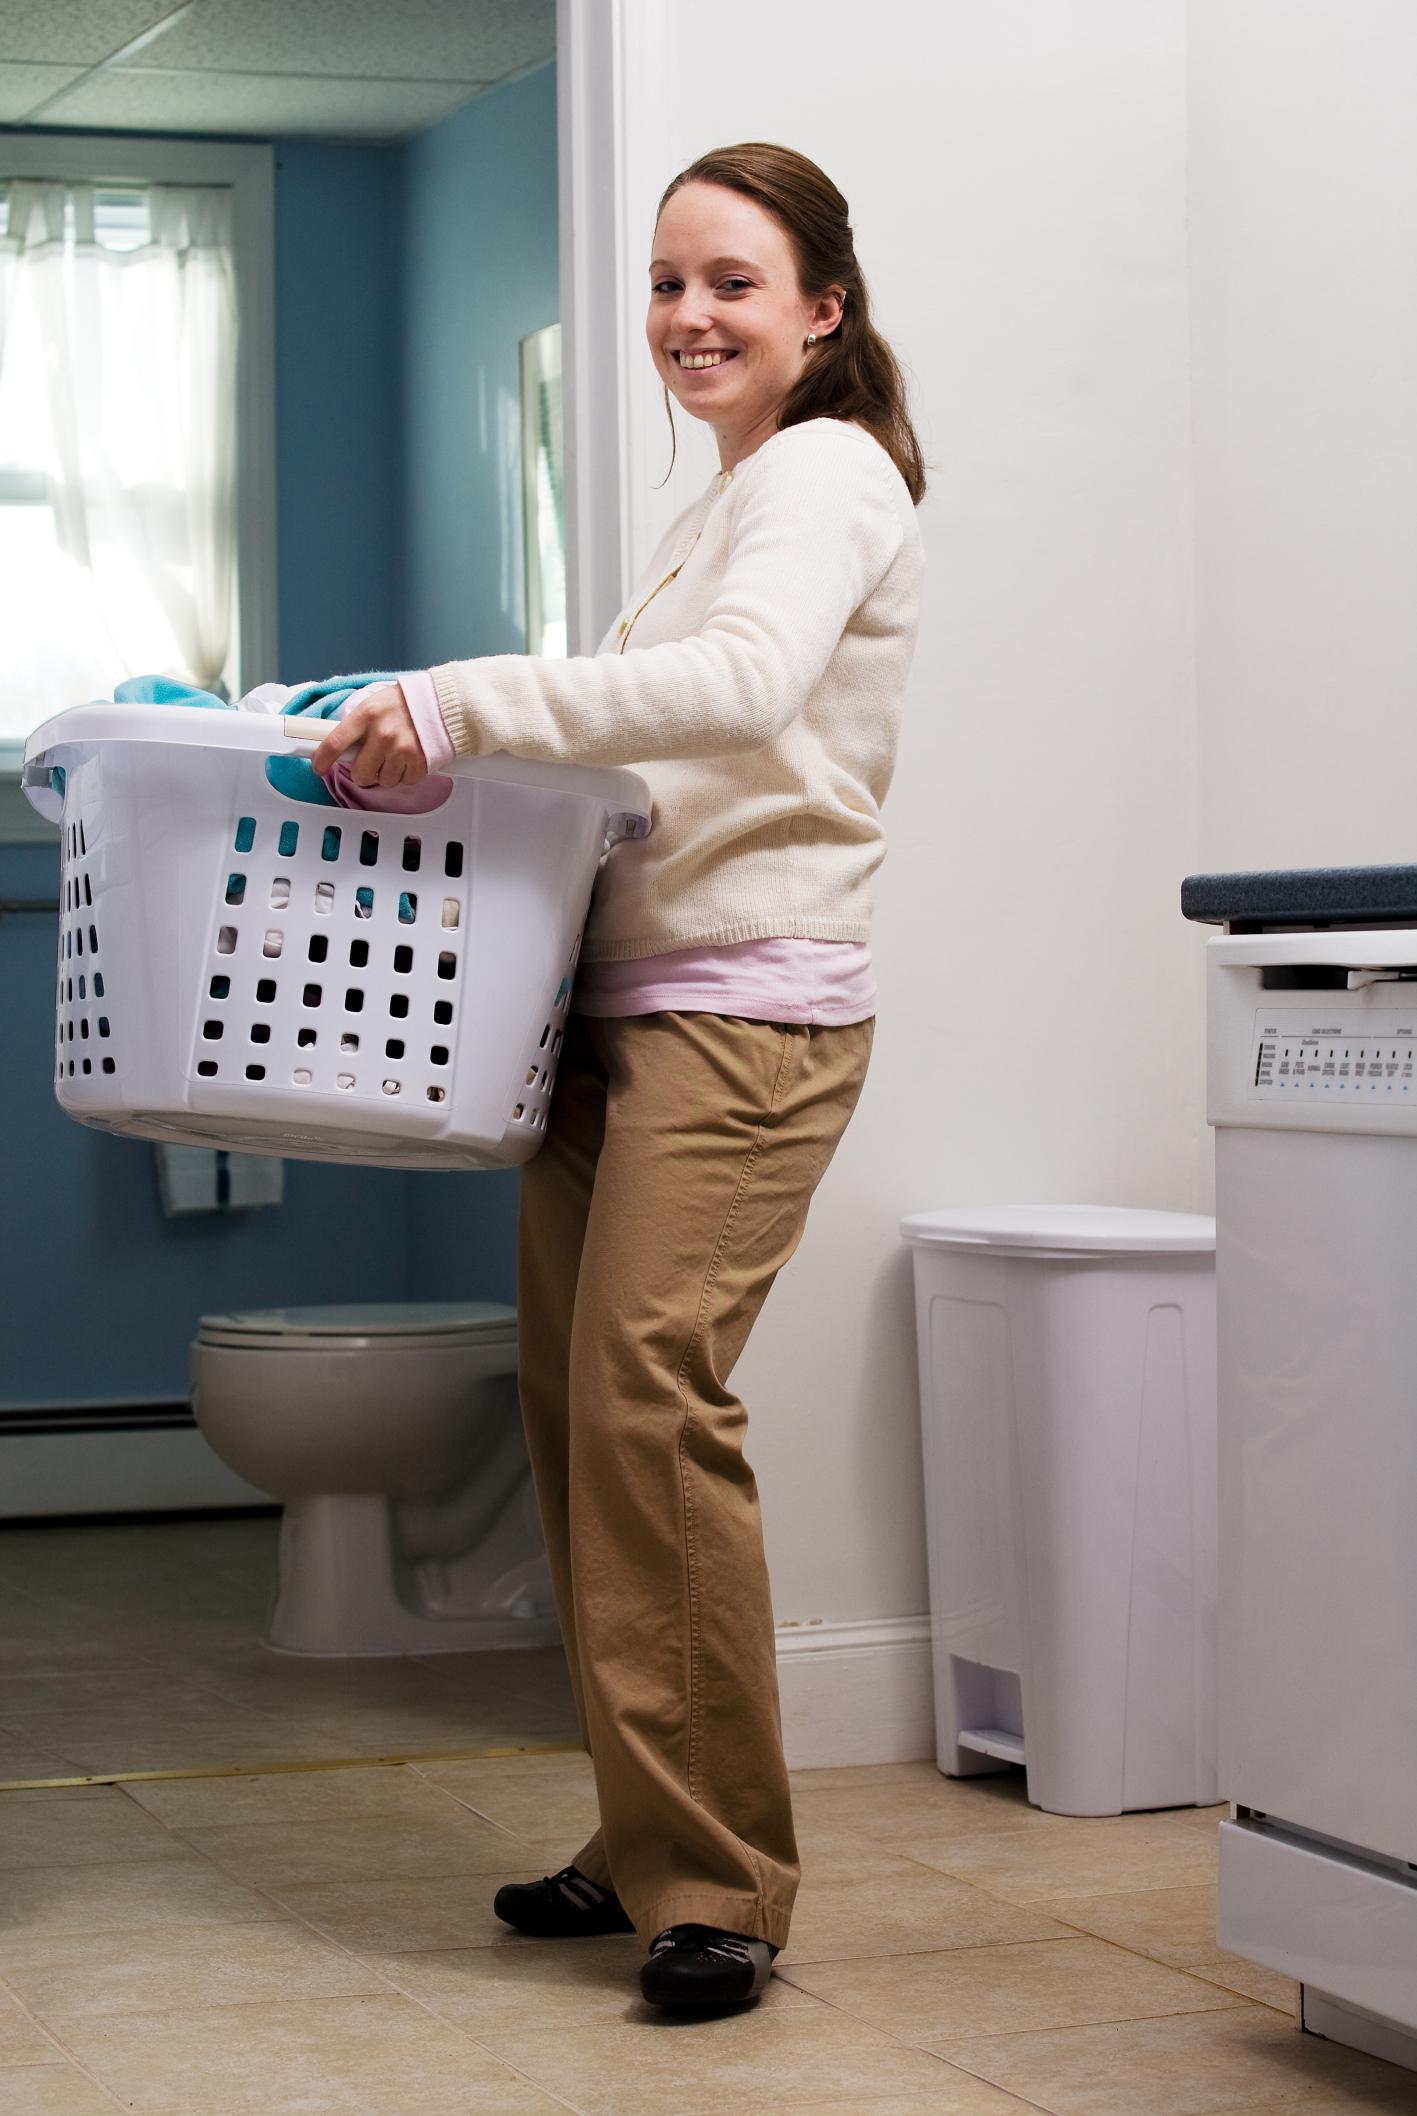 Cómo escribir un currículo para posiciones de tareas domésticas  